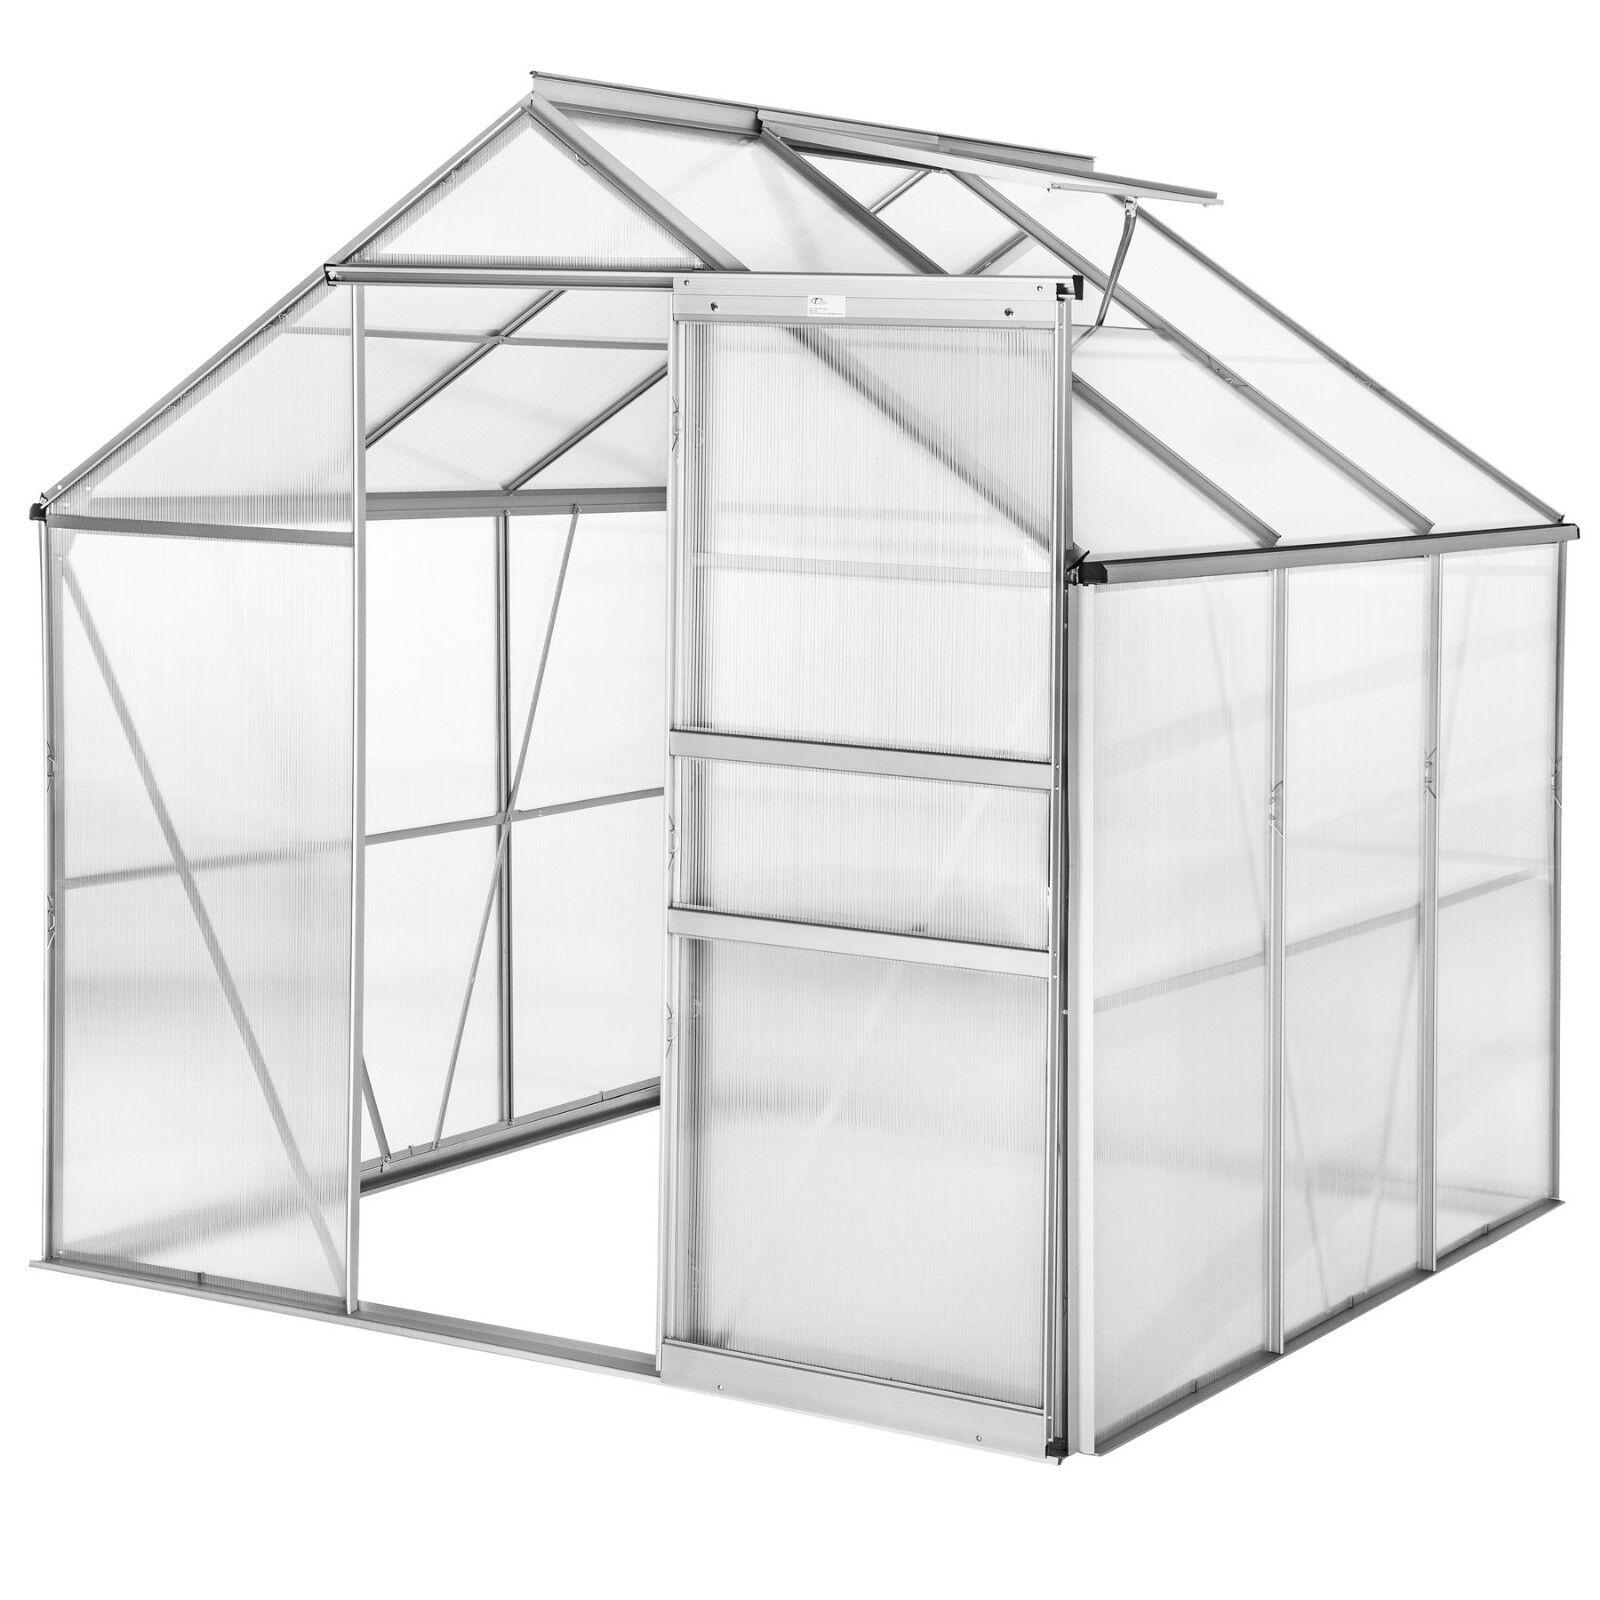 Invernadero de jardín con ventana poliCochebonato casero plantas cultivos 5,85m³